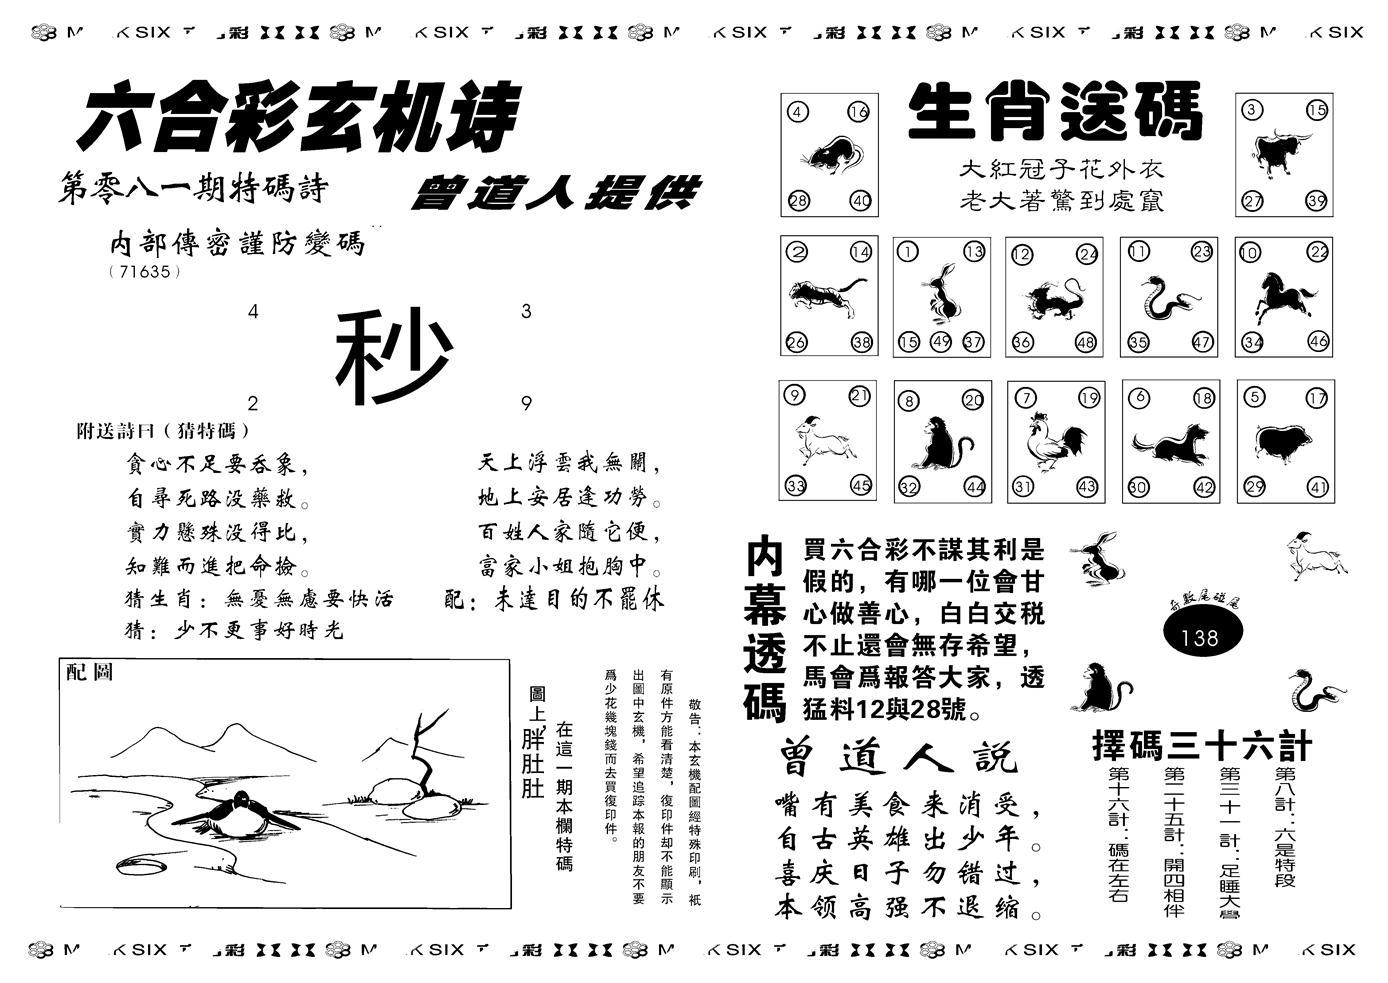 081期新内幕B(黑白)